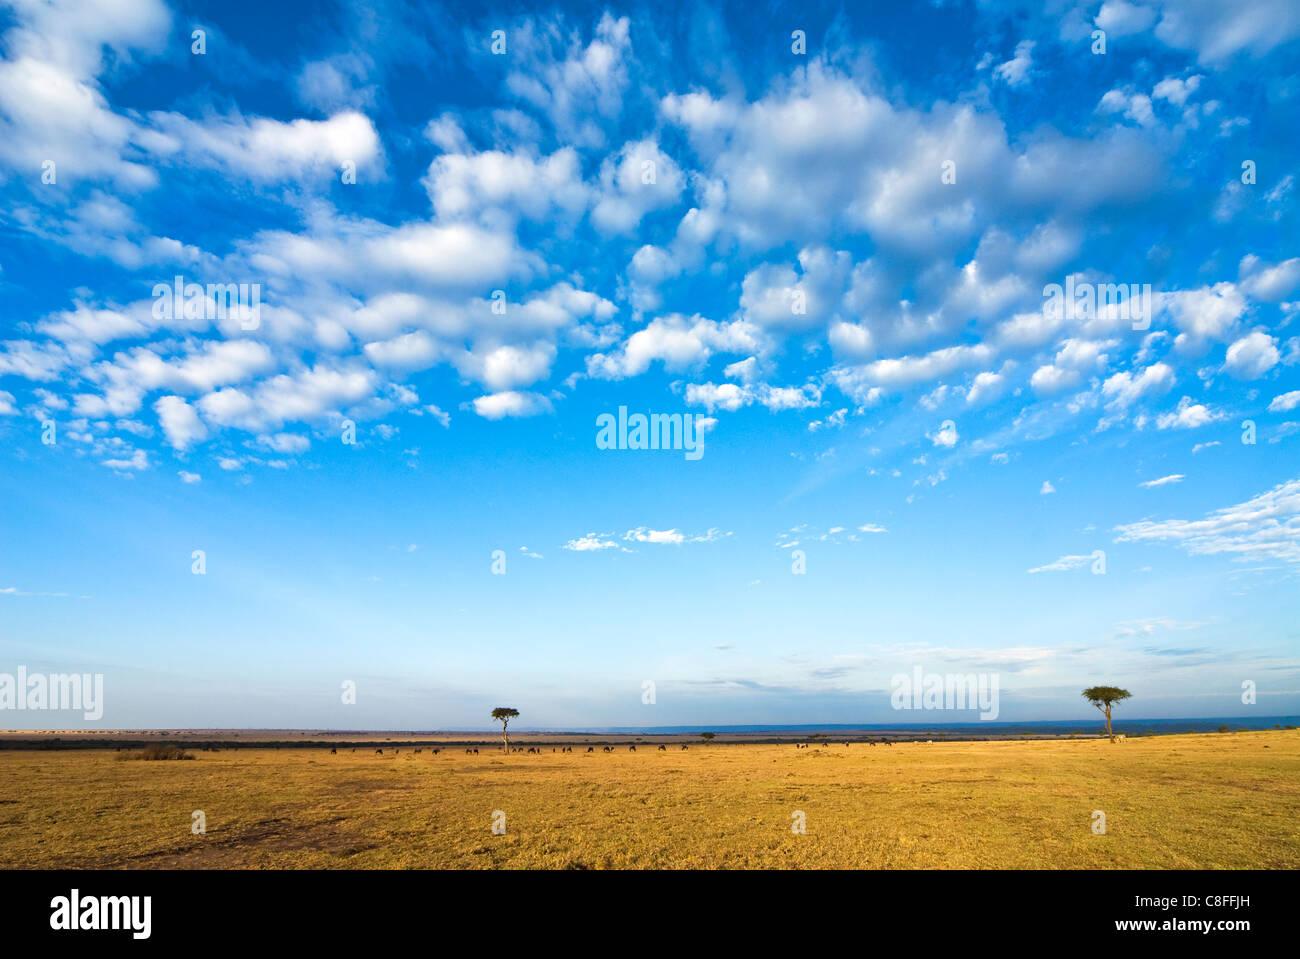 La bussola, il Masai Mara riserva nazionale, Kenya, Africa orientale Immagini Stock